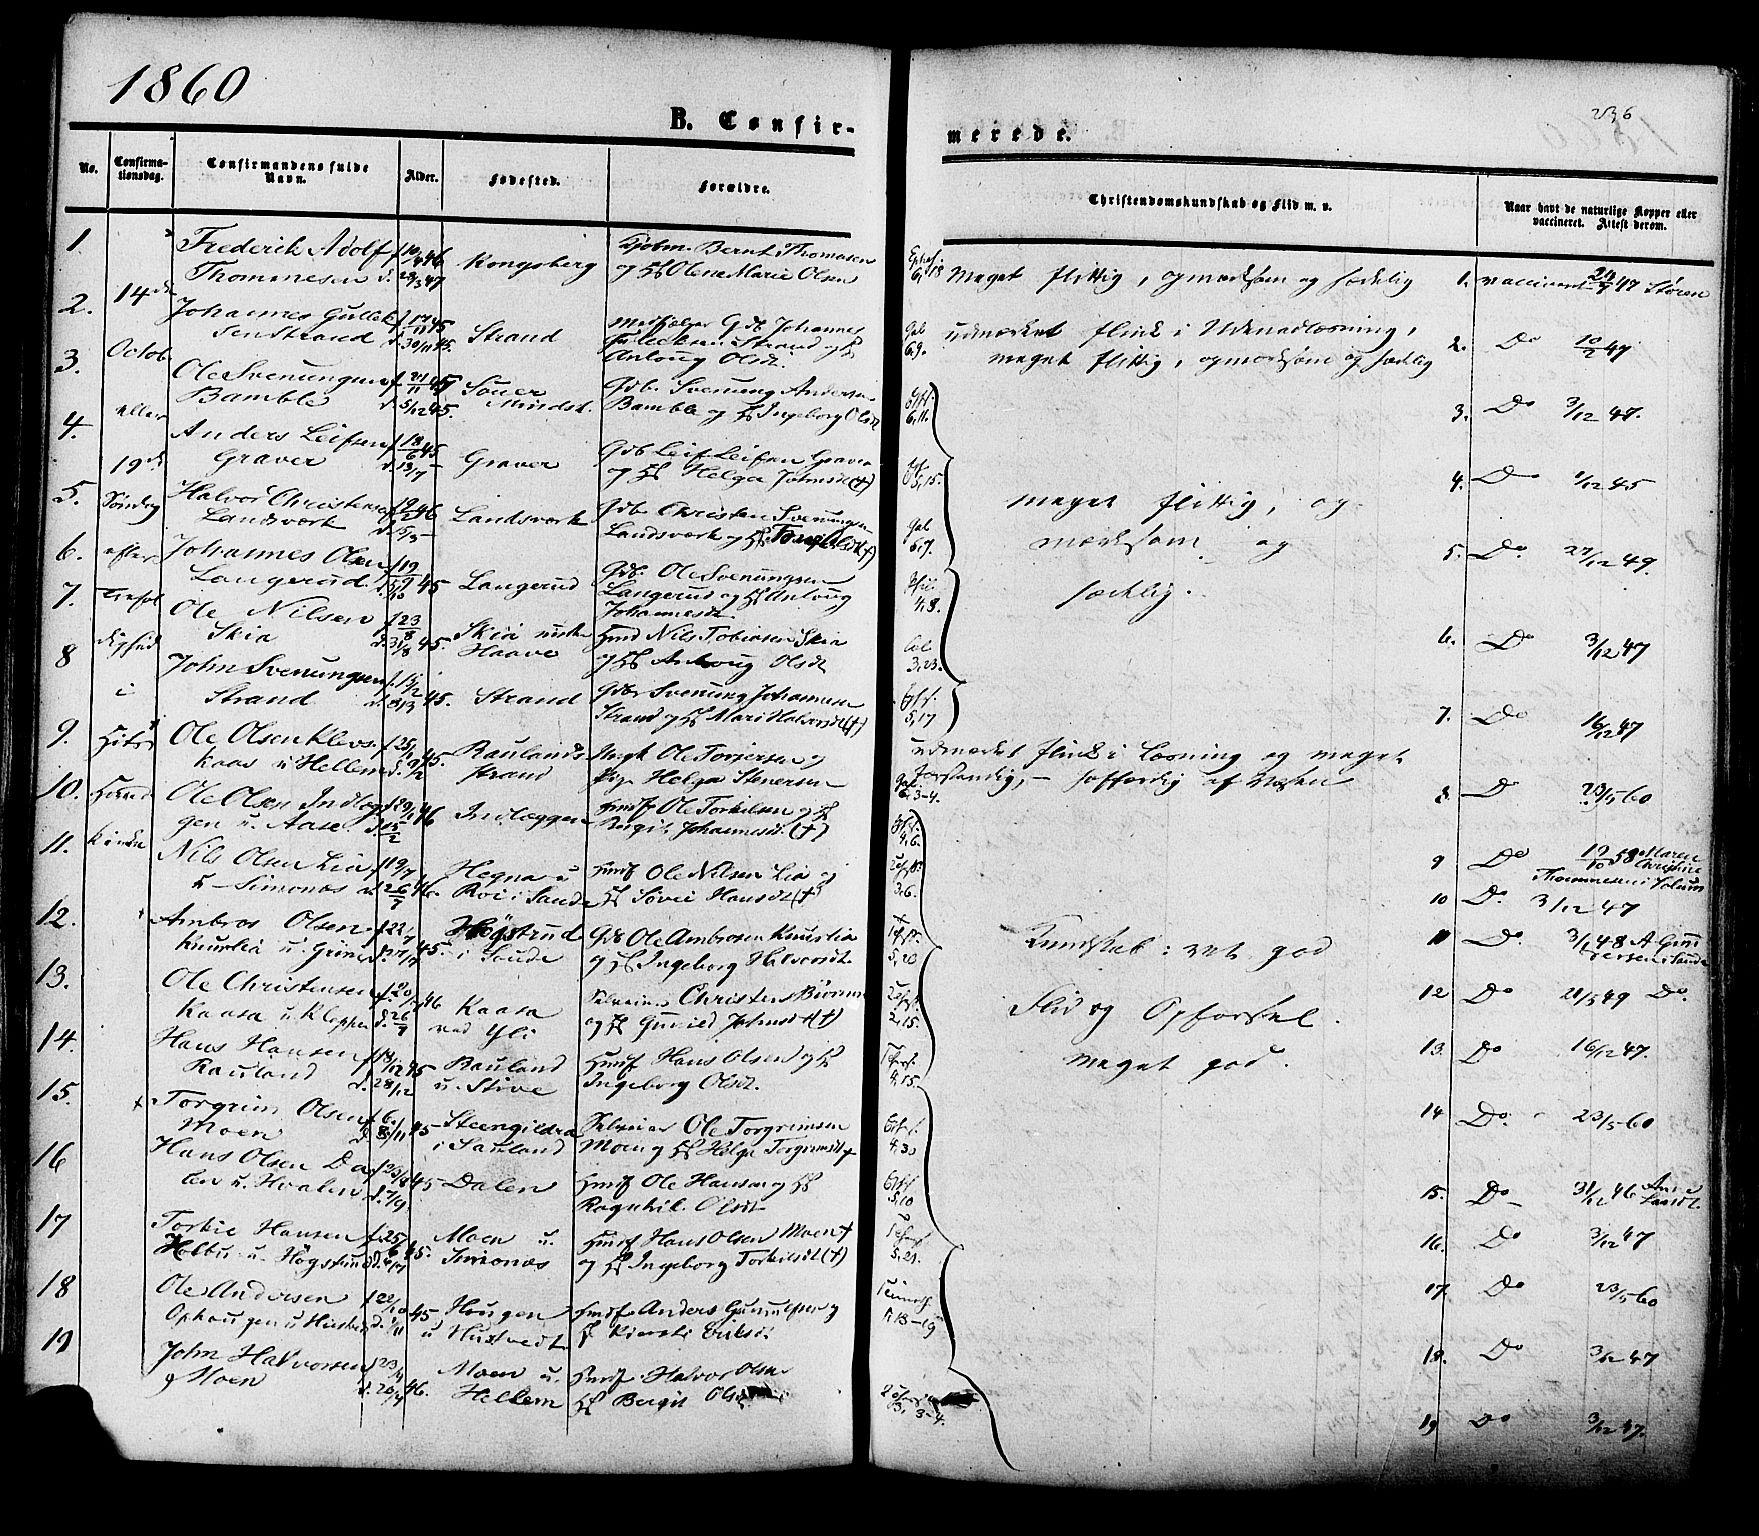 SAKO, Heddal kirkebøker, F/Fa/L0007: Ministerialbok nr. I 7, 1855-1877, s. 236